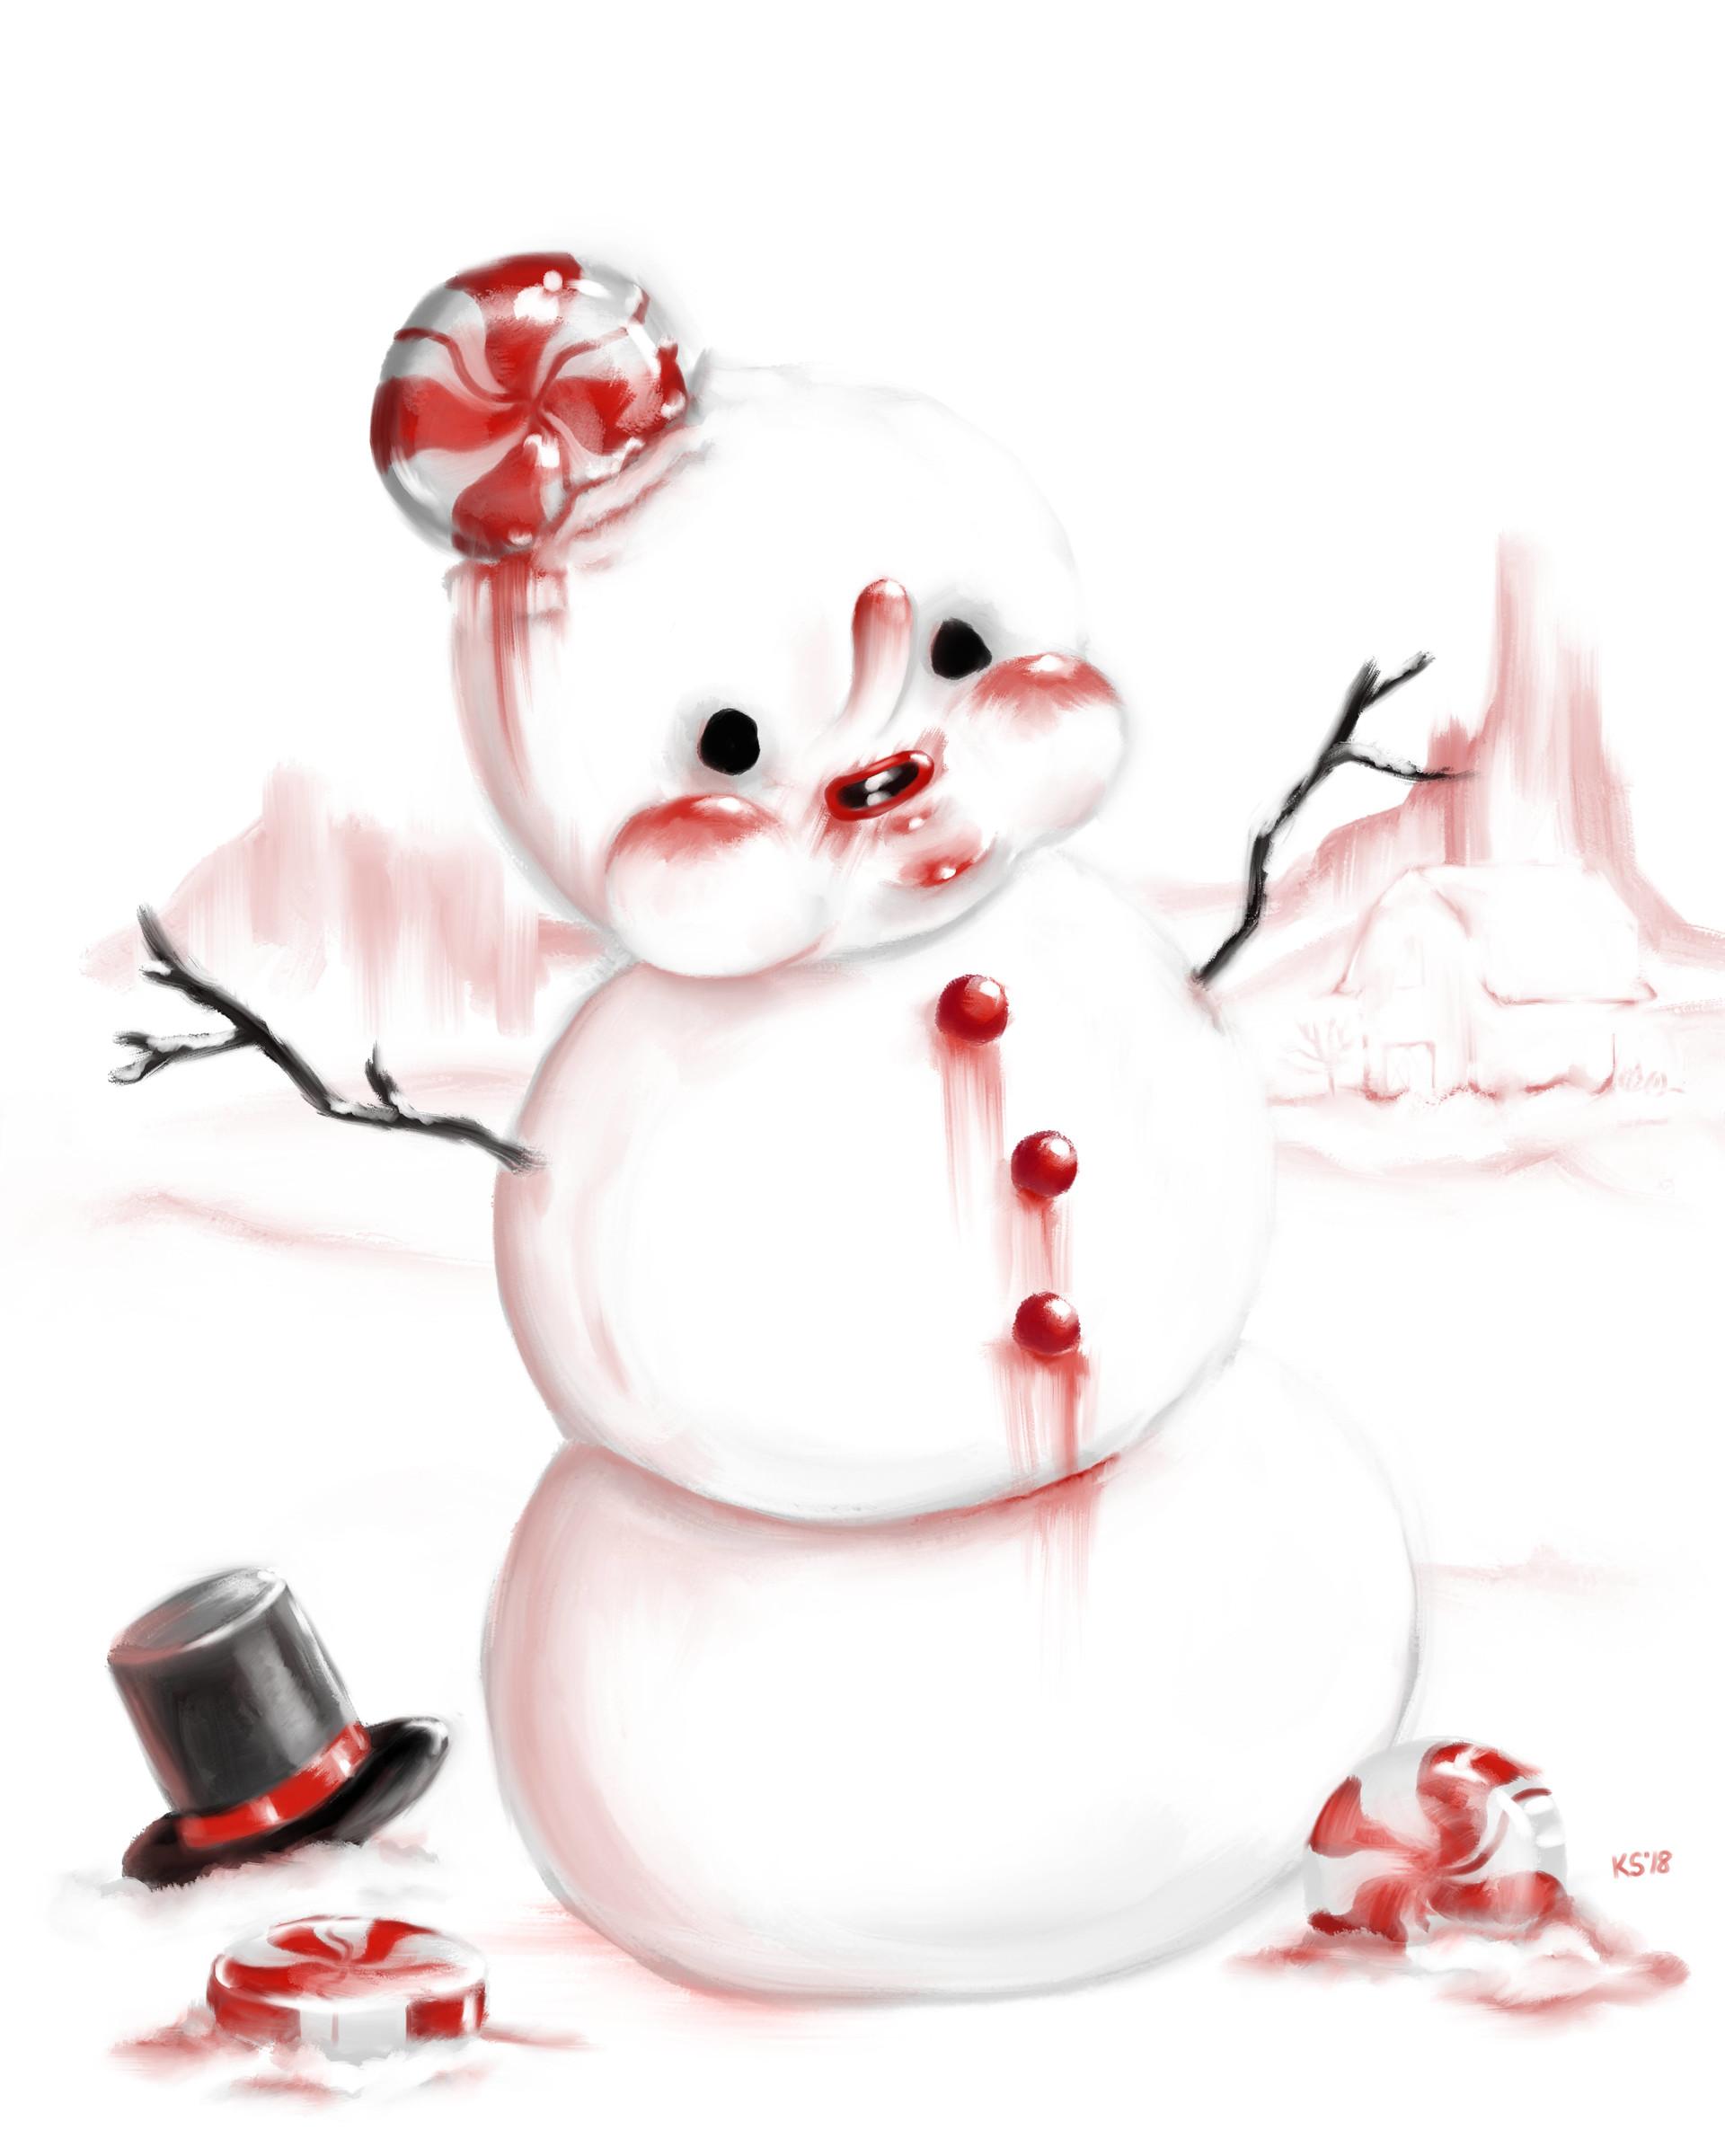 Strangest candy snowmanprefer